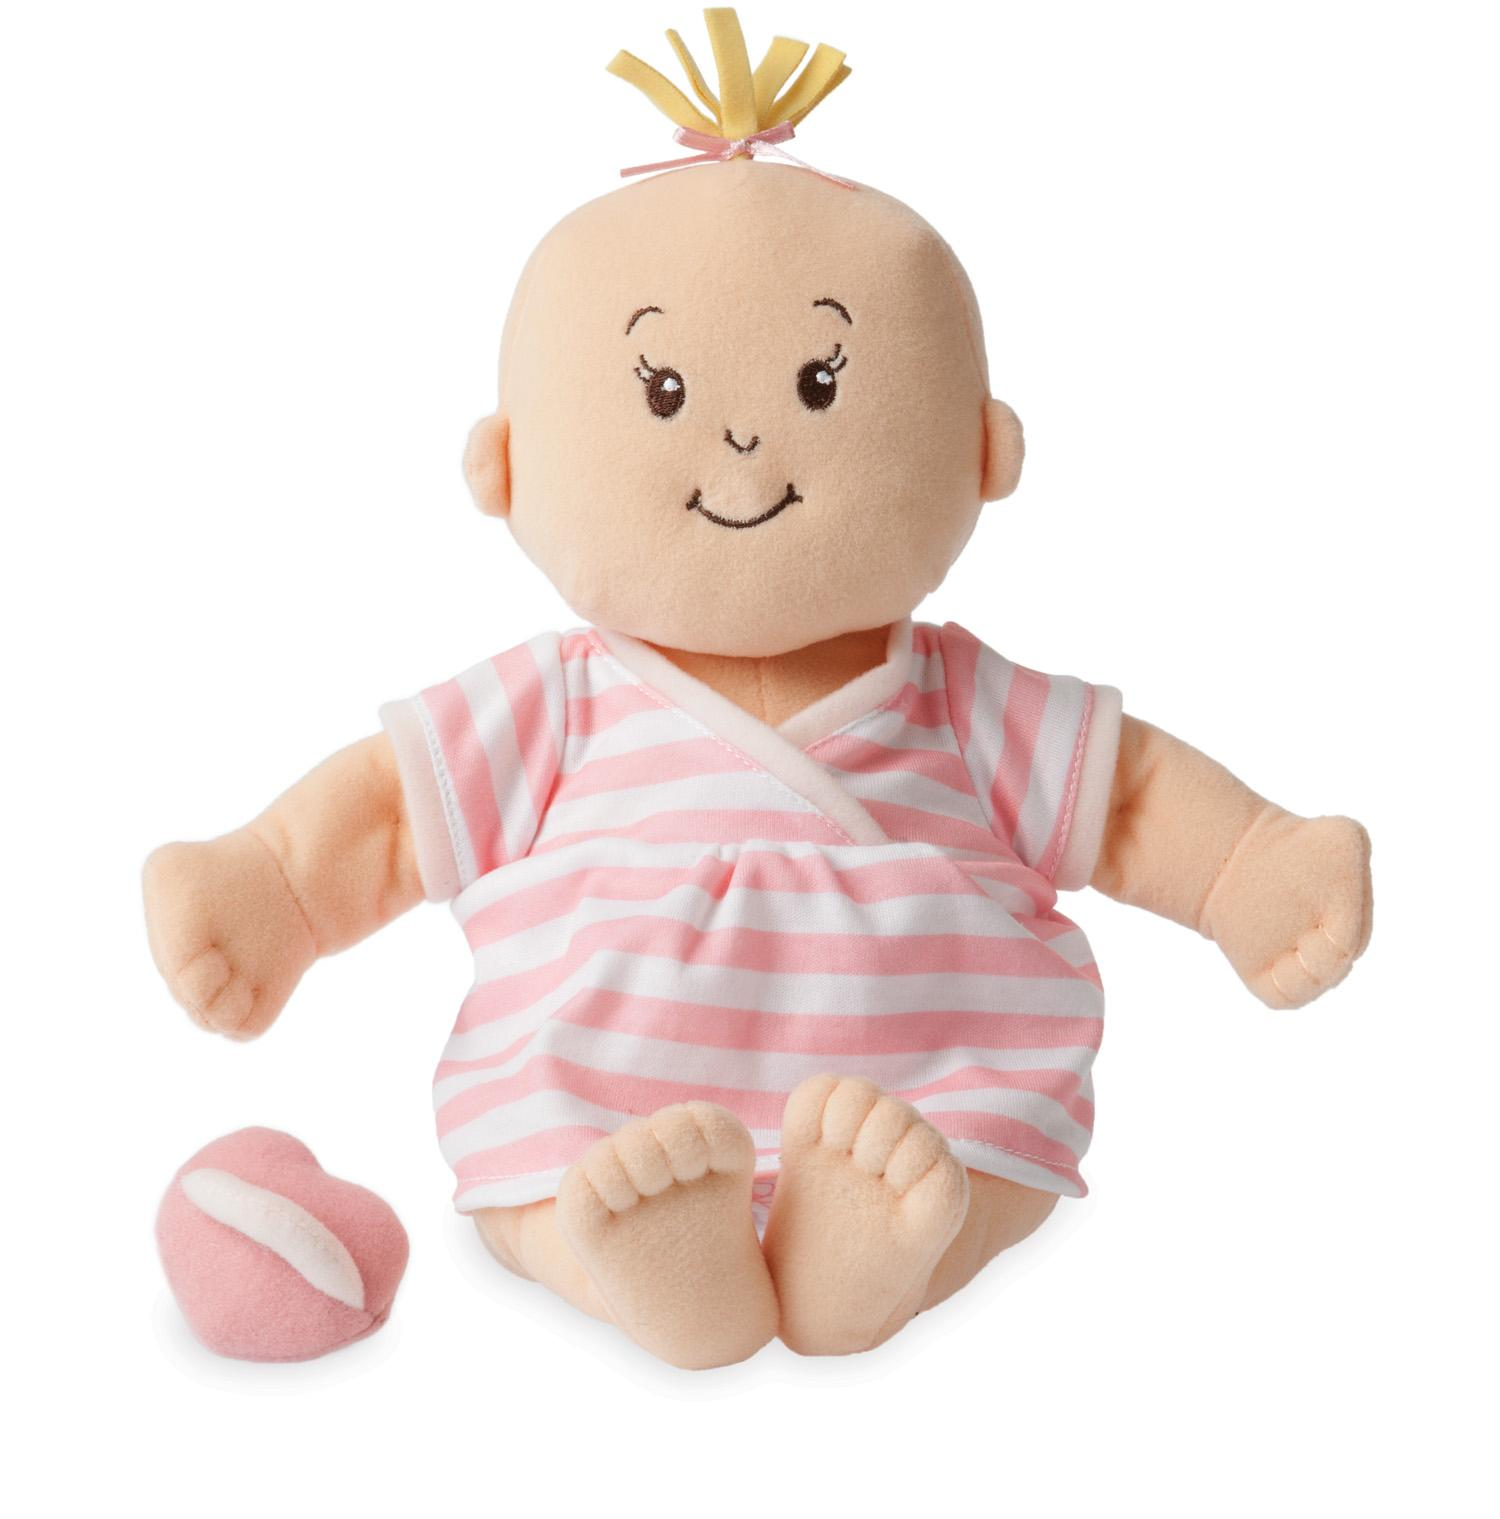 Soft Baby Toys : Amazon manhattan toy baby stella peach soft first